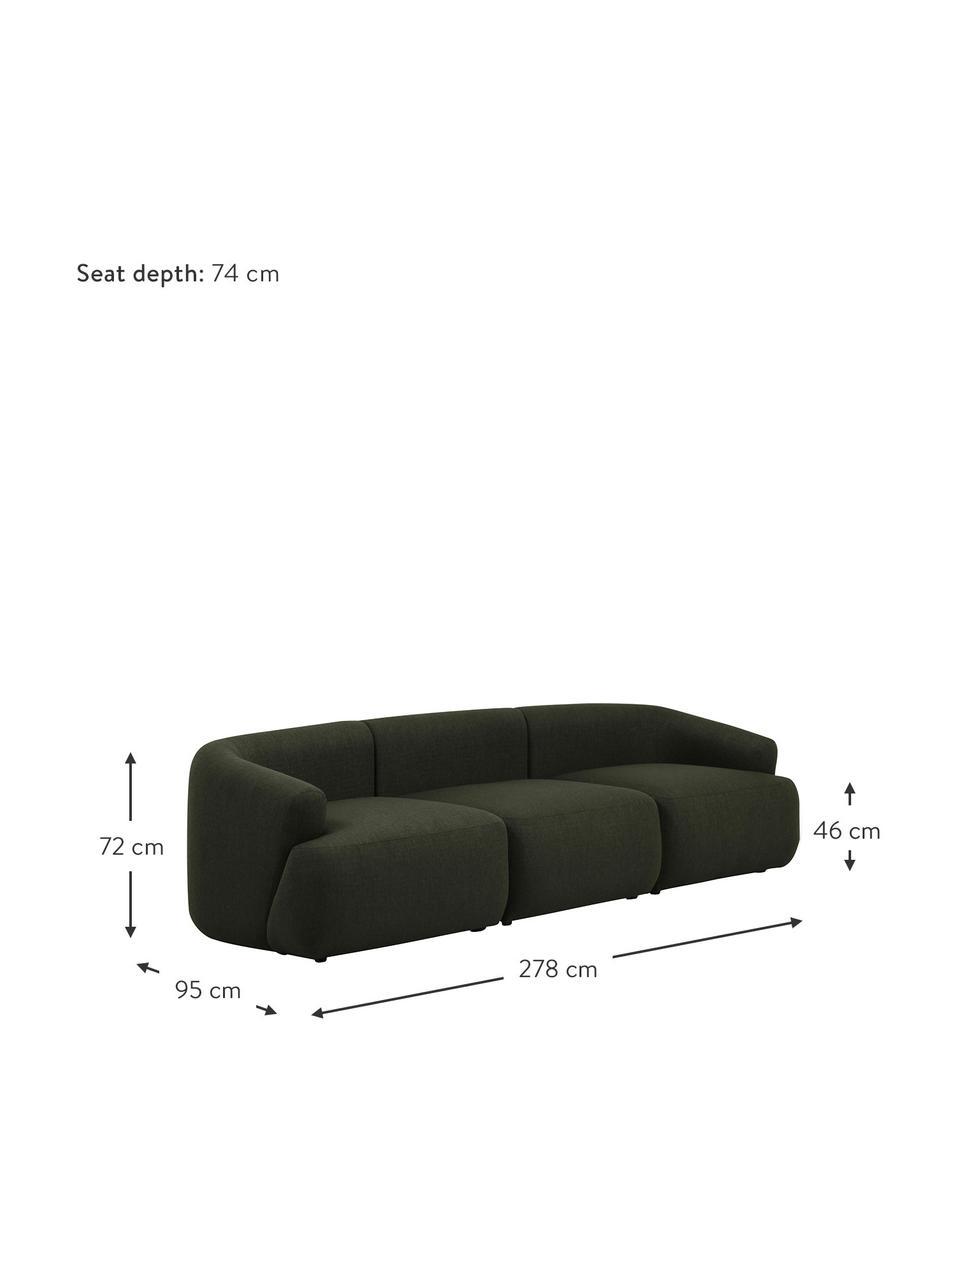 Sofa modułowa Sofia (3-osobowa), Tapicerka: 100% polipropylen Dzięki , Stelaż: lite drewno sosnowe, płyt, Nogi: tworzywo sztuczne, Zielony, S 278 x G 95 cm